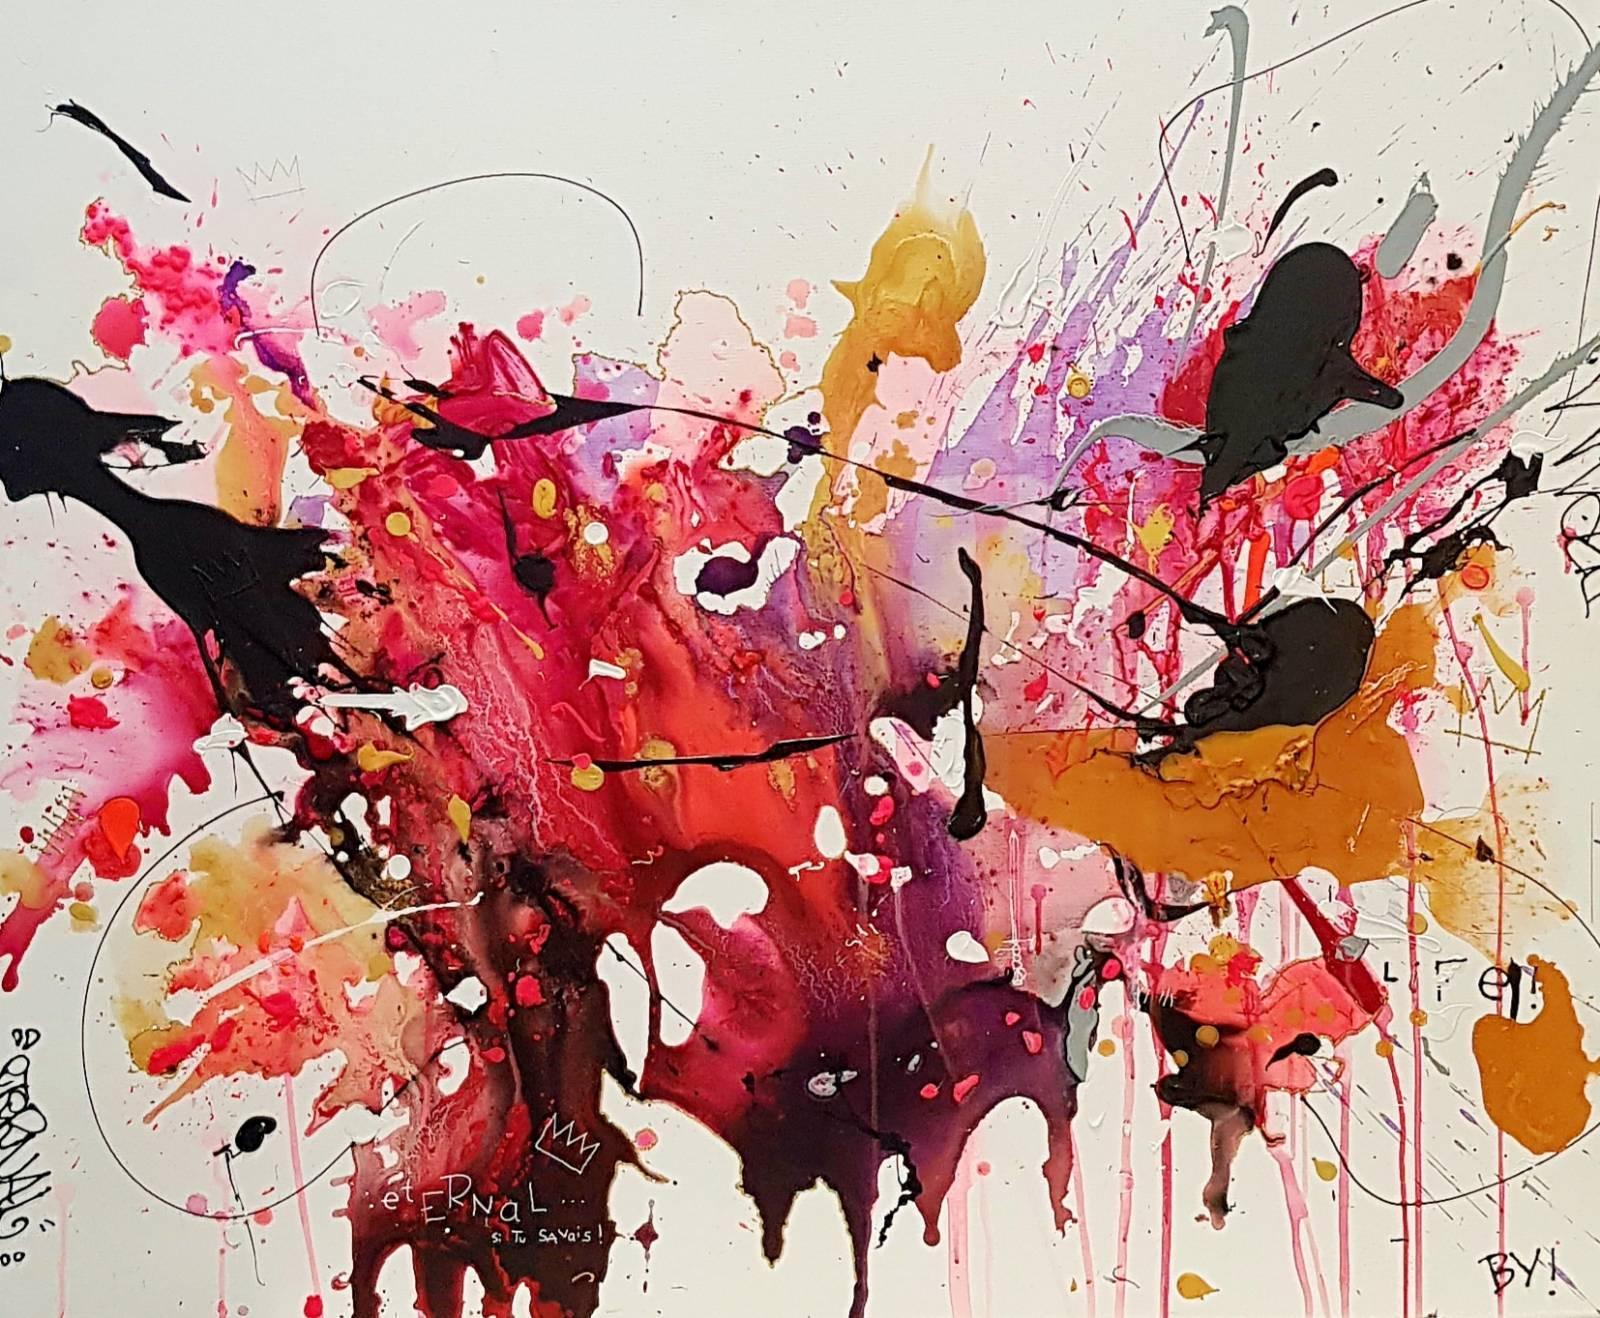 Tableau Contemporain Et Oeuvre D Art Abstraite Et Trash Avec Explosion De Peinture Expose A Lyon Galerie D Art Et Concept Store Unique A Lyon Amal Gallery